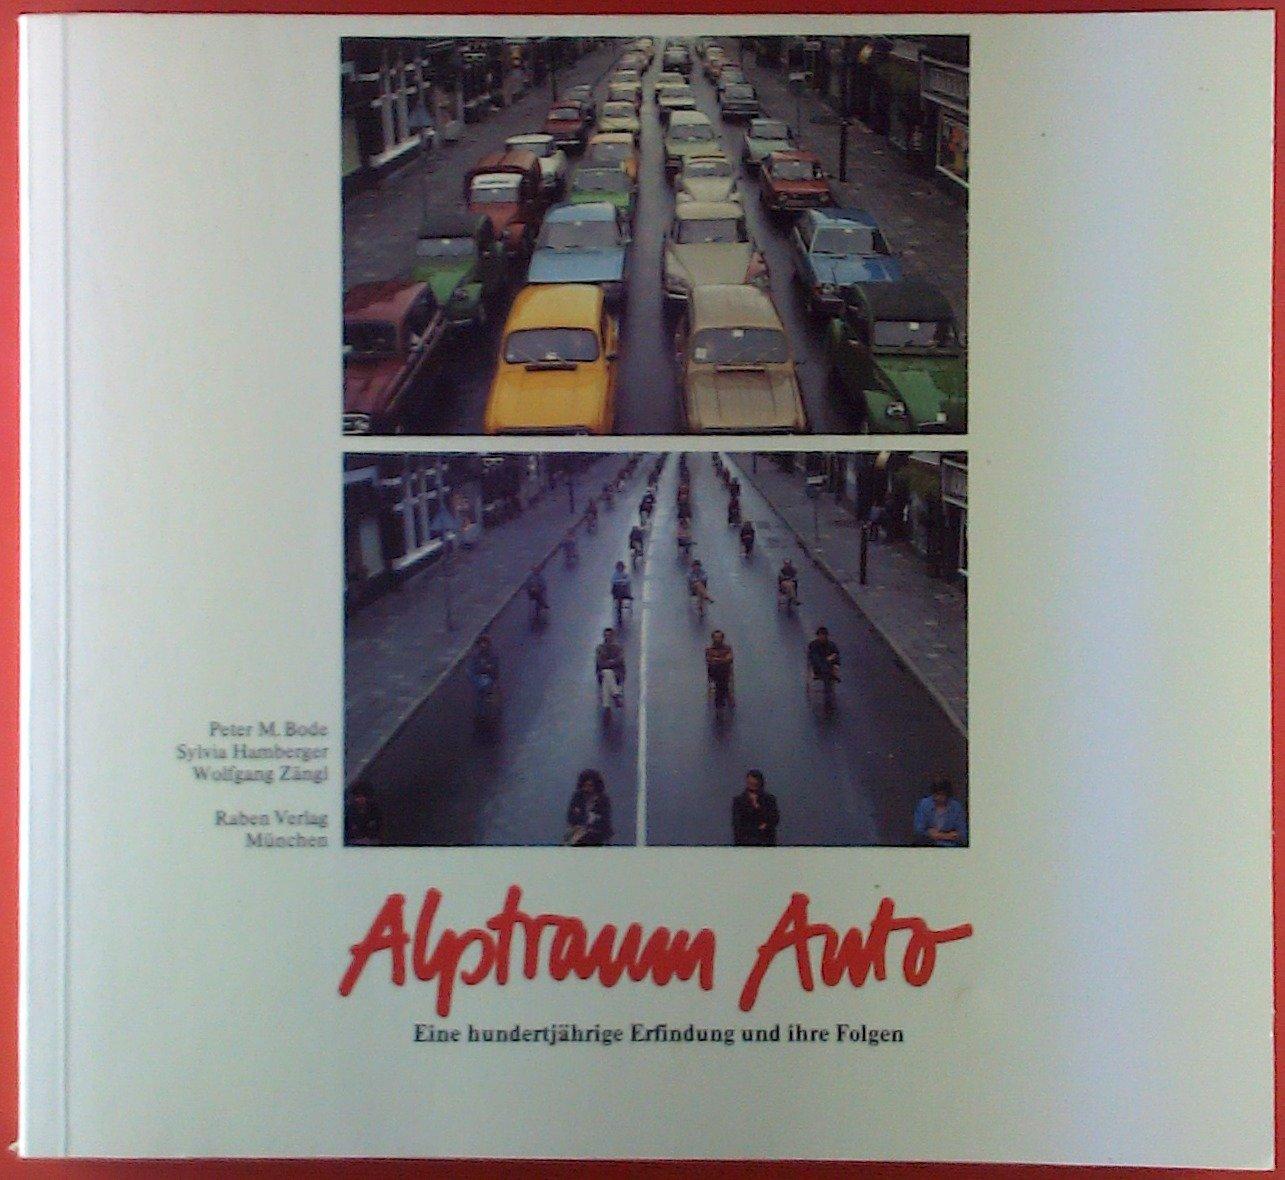 Alptraum Auto/Grün kaputt/Sein oder Nichtsein: Alptraum Auto. Eine hundertjährige Erfindung und ihre Folgen